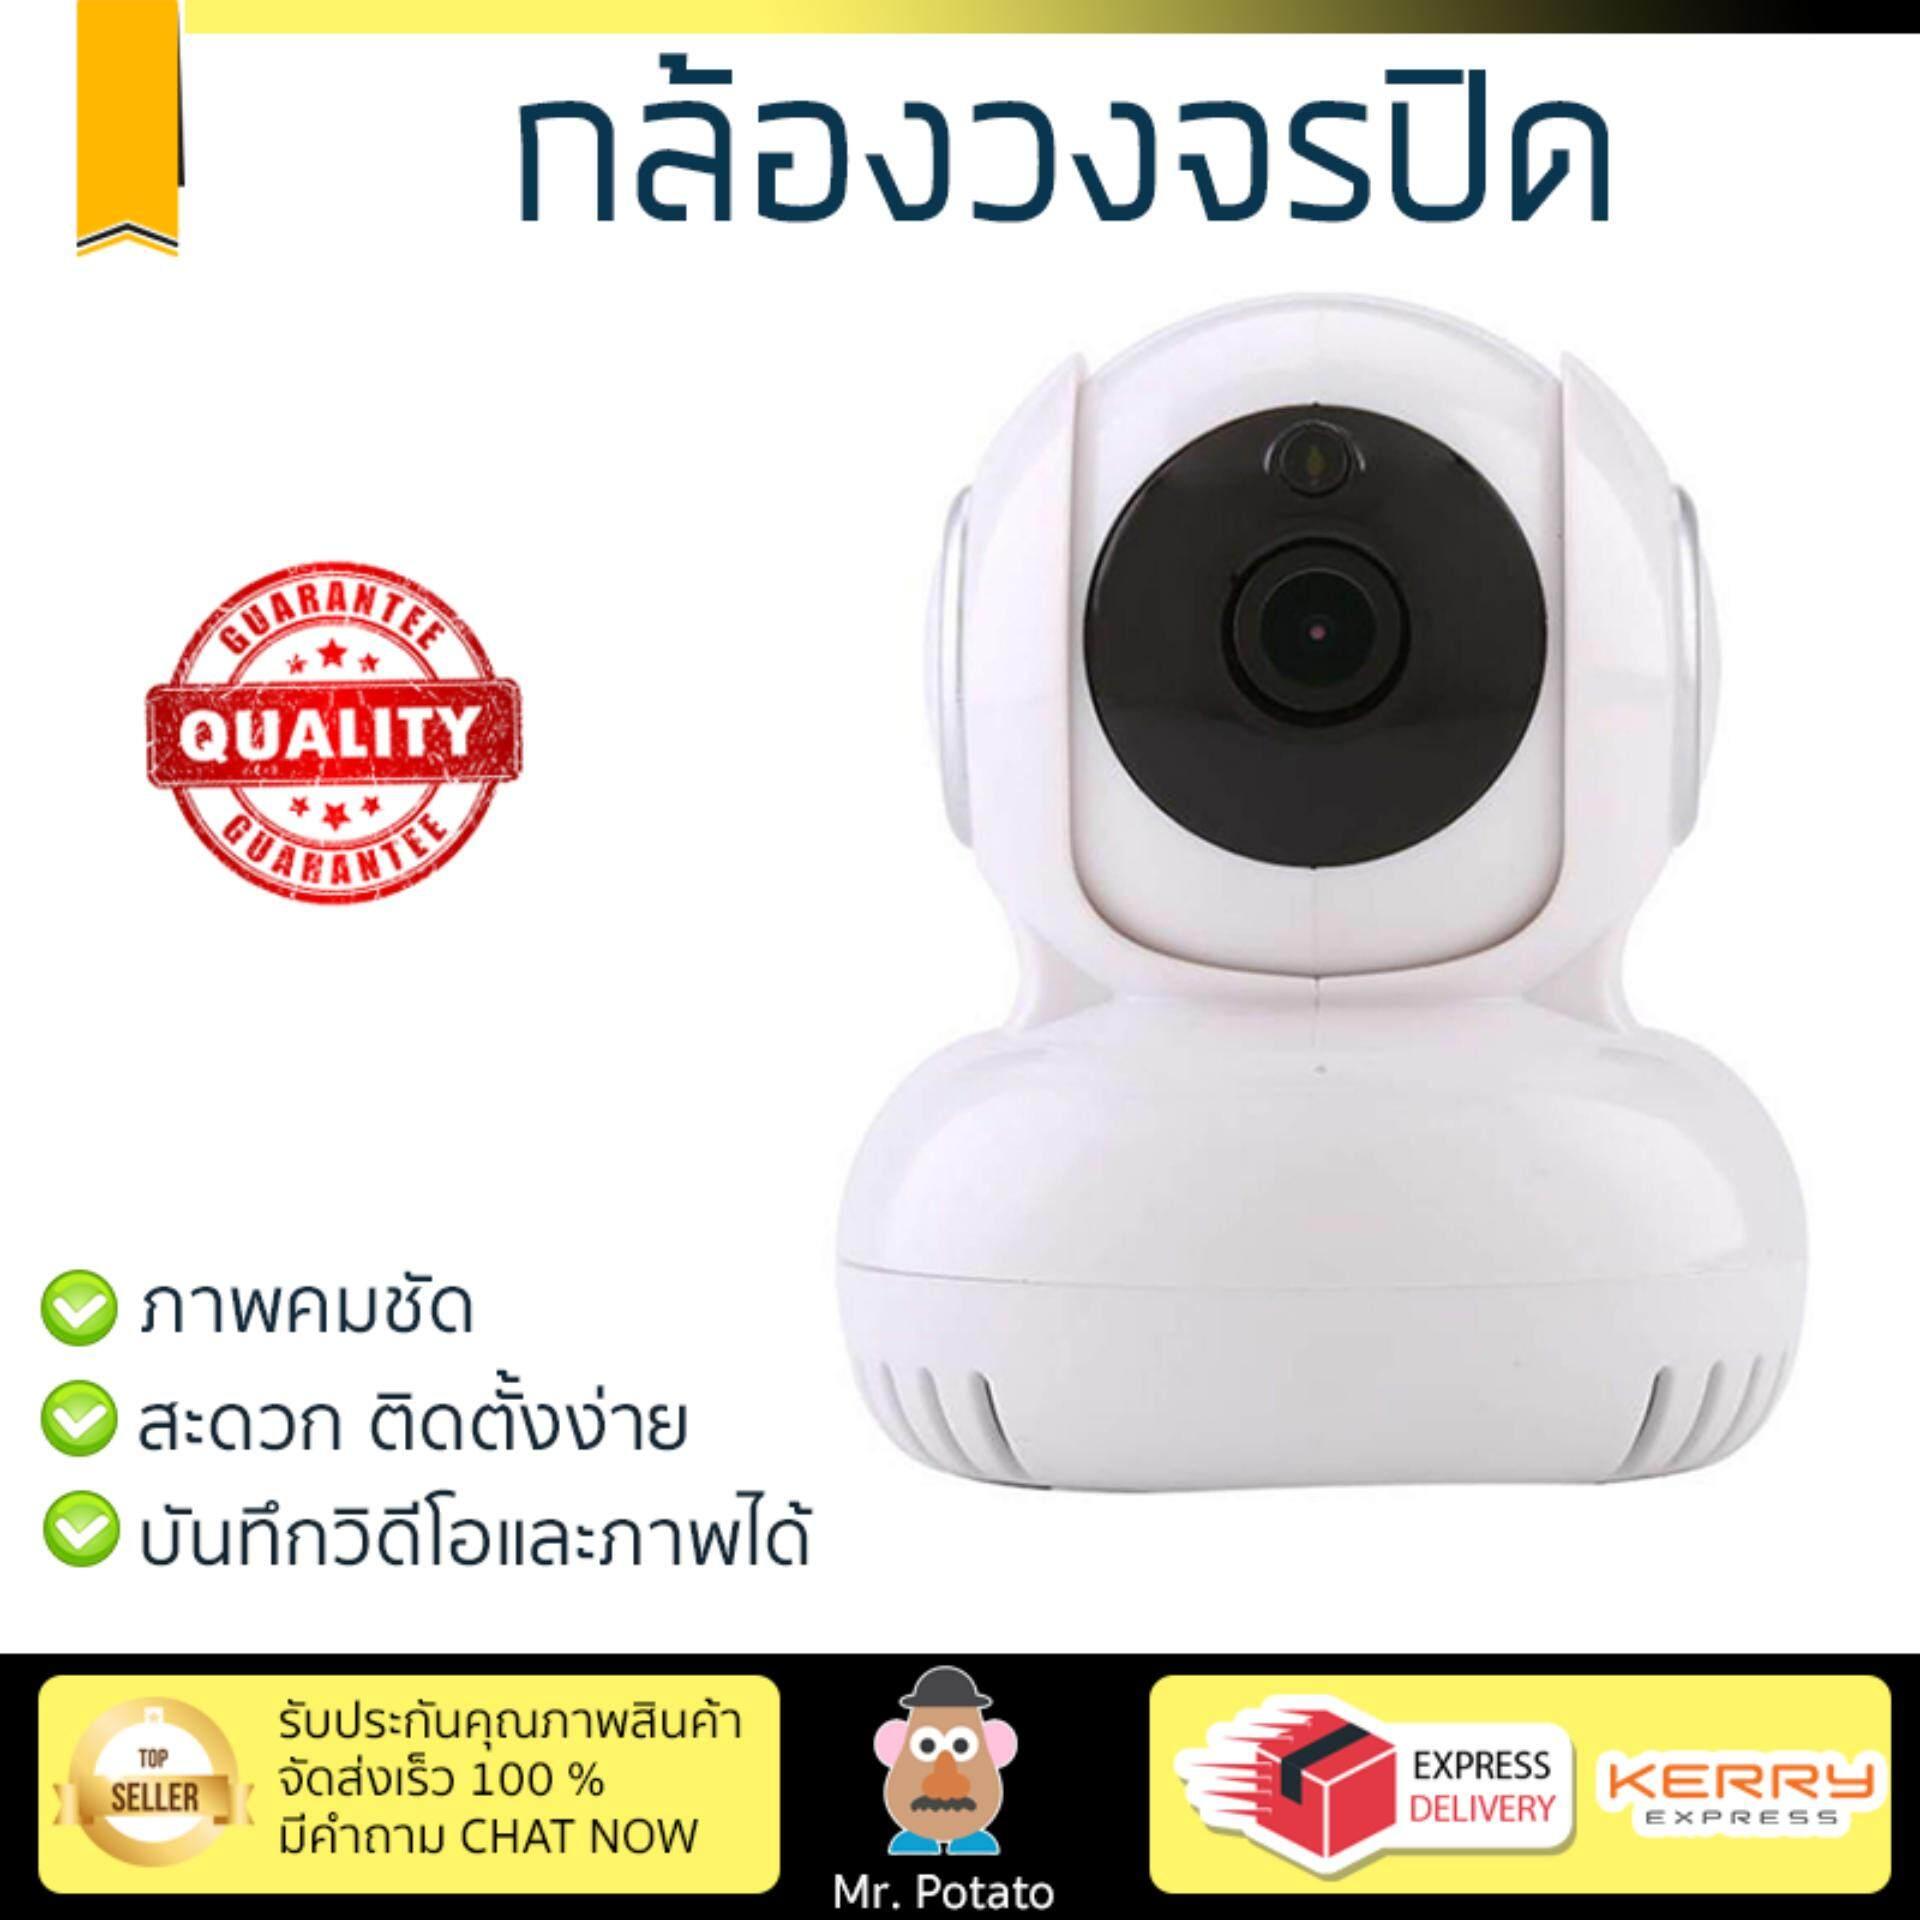 สุดยอดสินค้า!! โปรโมชัน กล้องวงจรปิด           LIFESMART กล้องวงจรปิด รุ่น SMARTHOME LS078             ภาพคมชัด ปรับมุมมองได้ กล้อง IP Camera รับประกันสินค้า 1 ปี จัดส่งฟรี Kerry ทั่วประเทศ